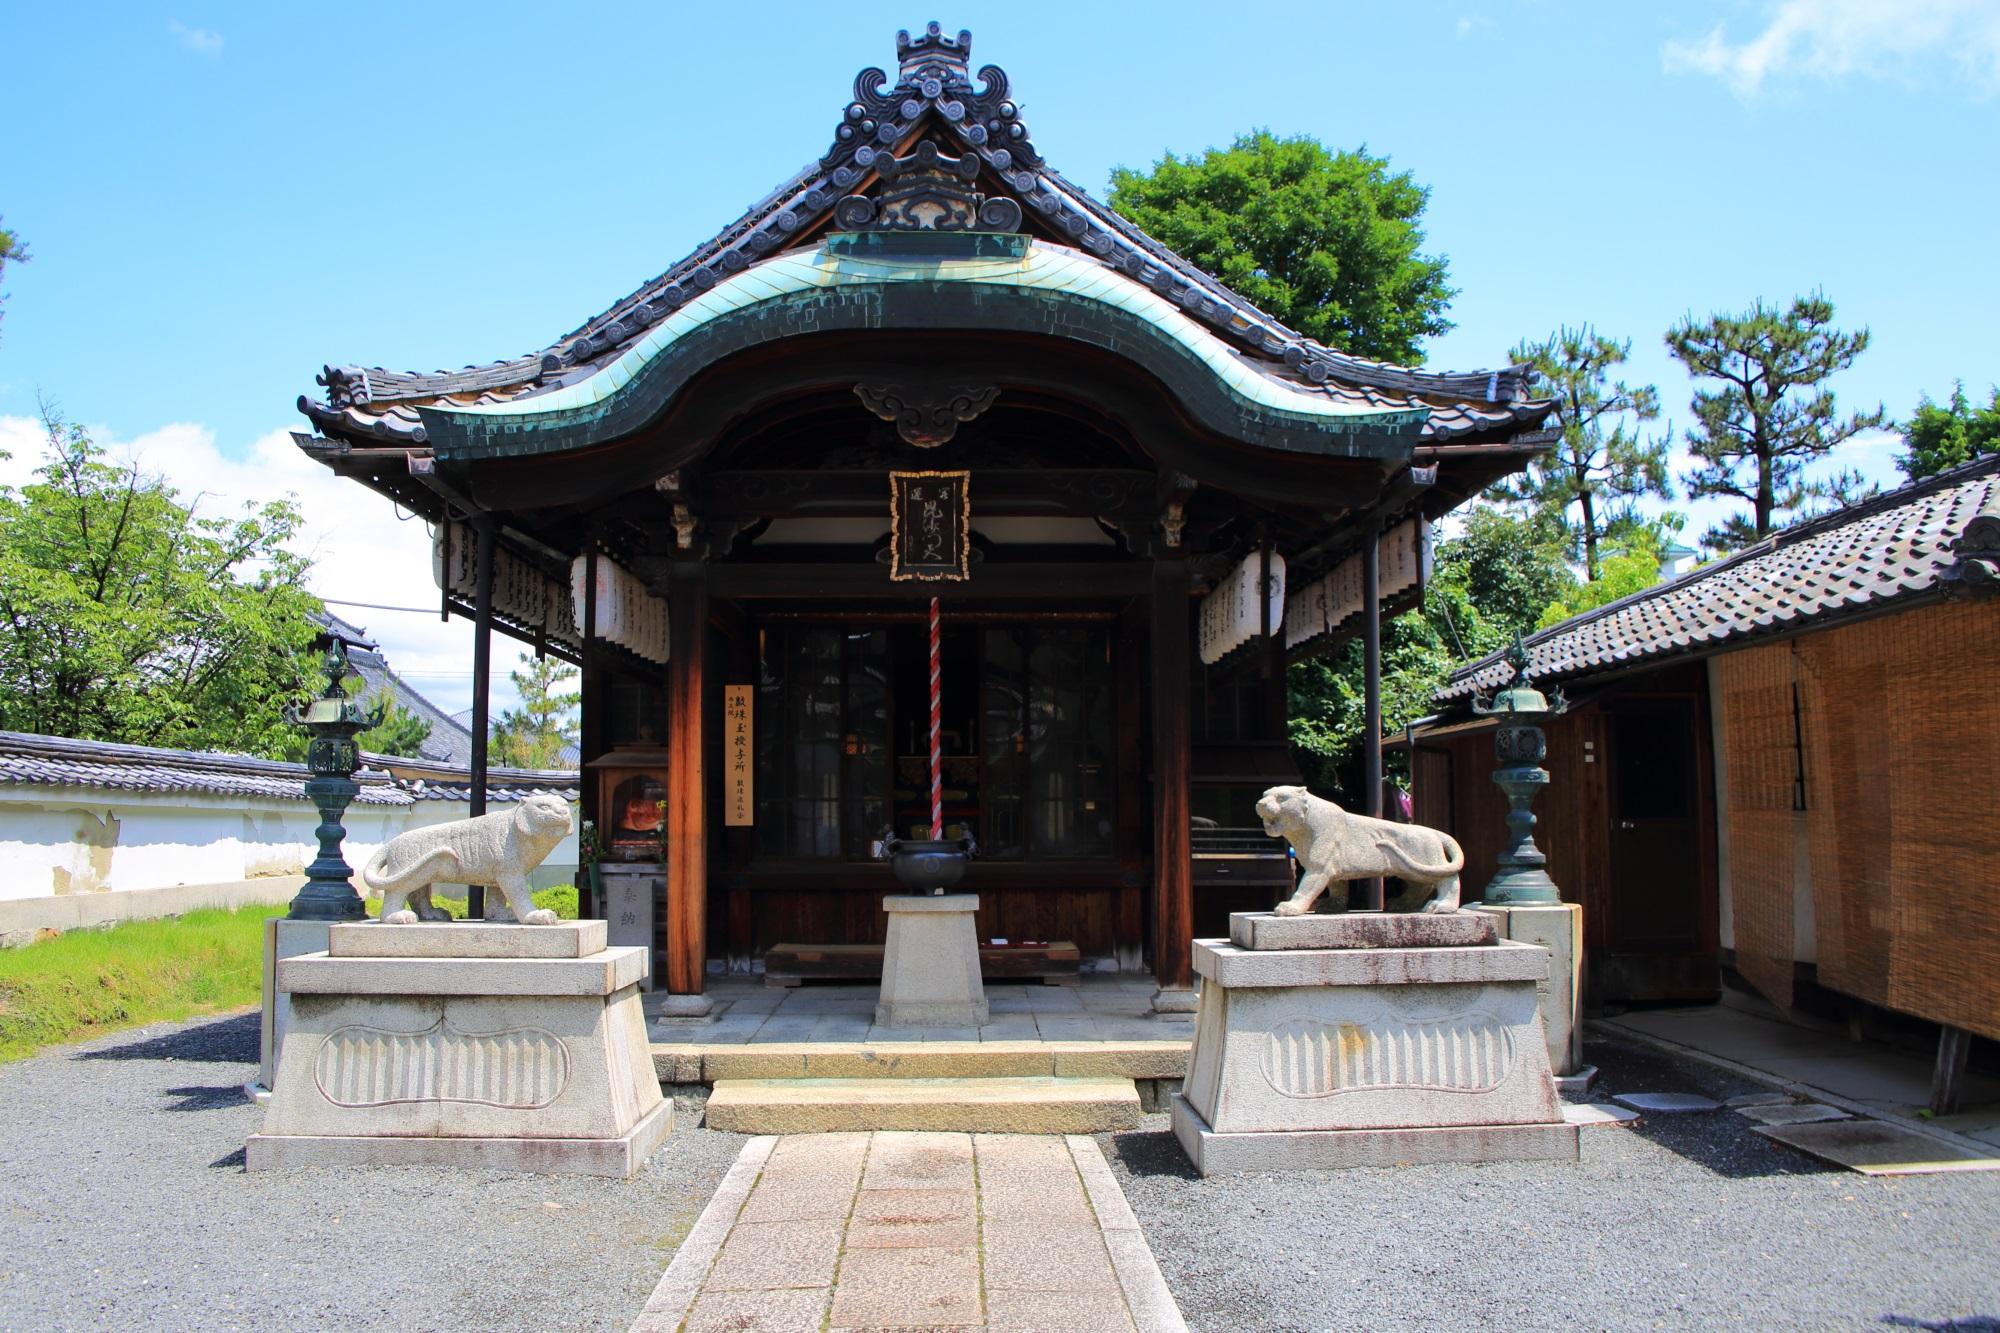 両足院の狛虎が構える毘沙門天